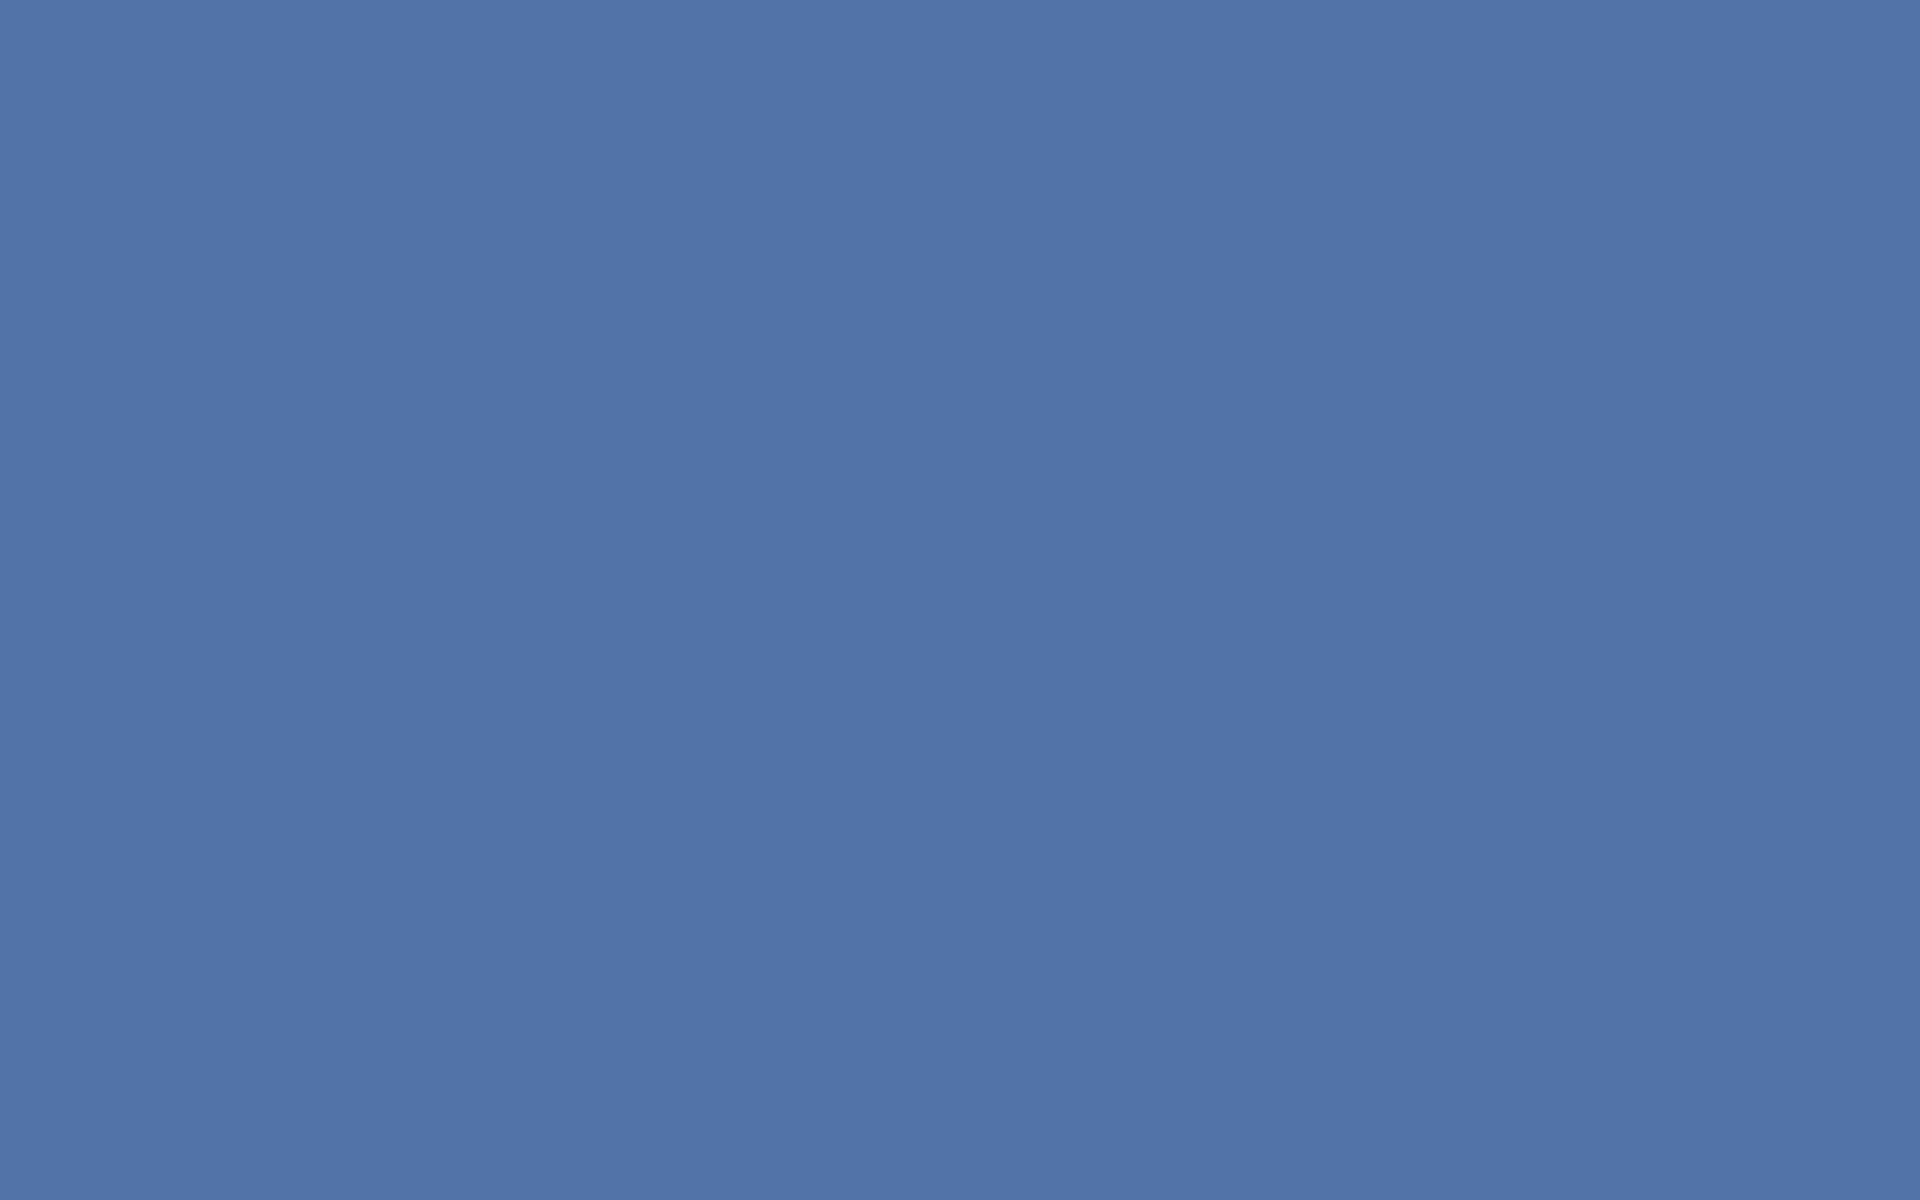 1920x1200 Blue Yonder Solid Color Background